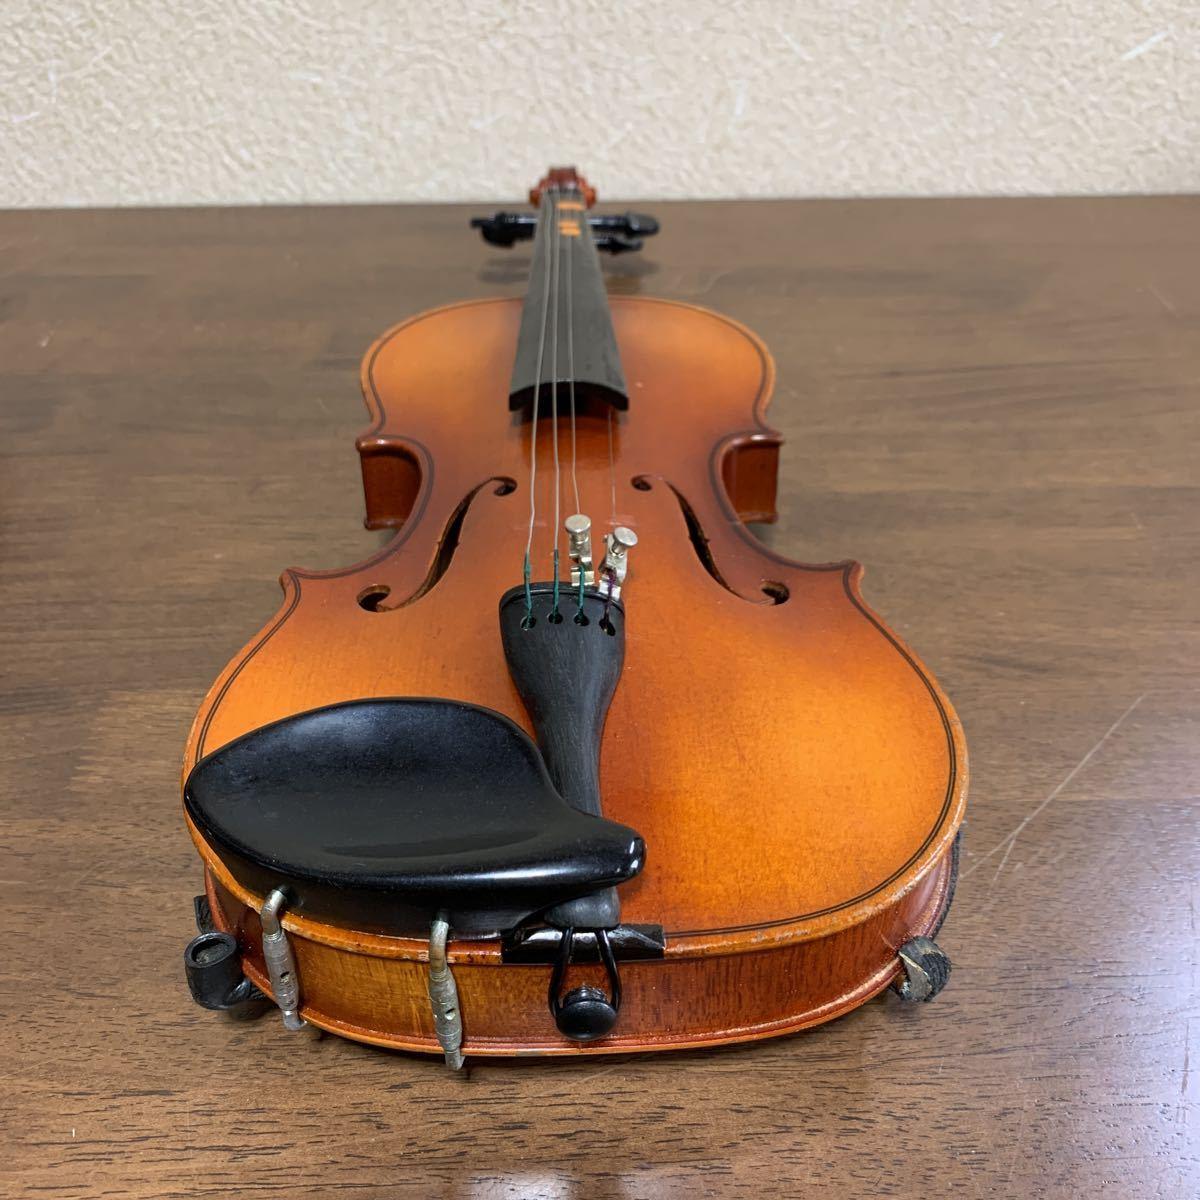 1円スタート SUZUKI 鈴木バイオリン スズキ バイオリン ハードケース付 弦楽器 中古 ジャンク_画像6